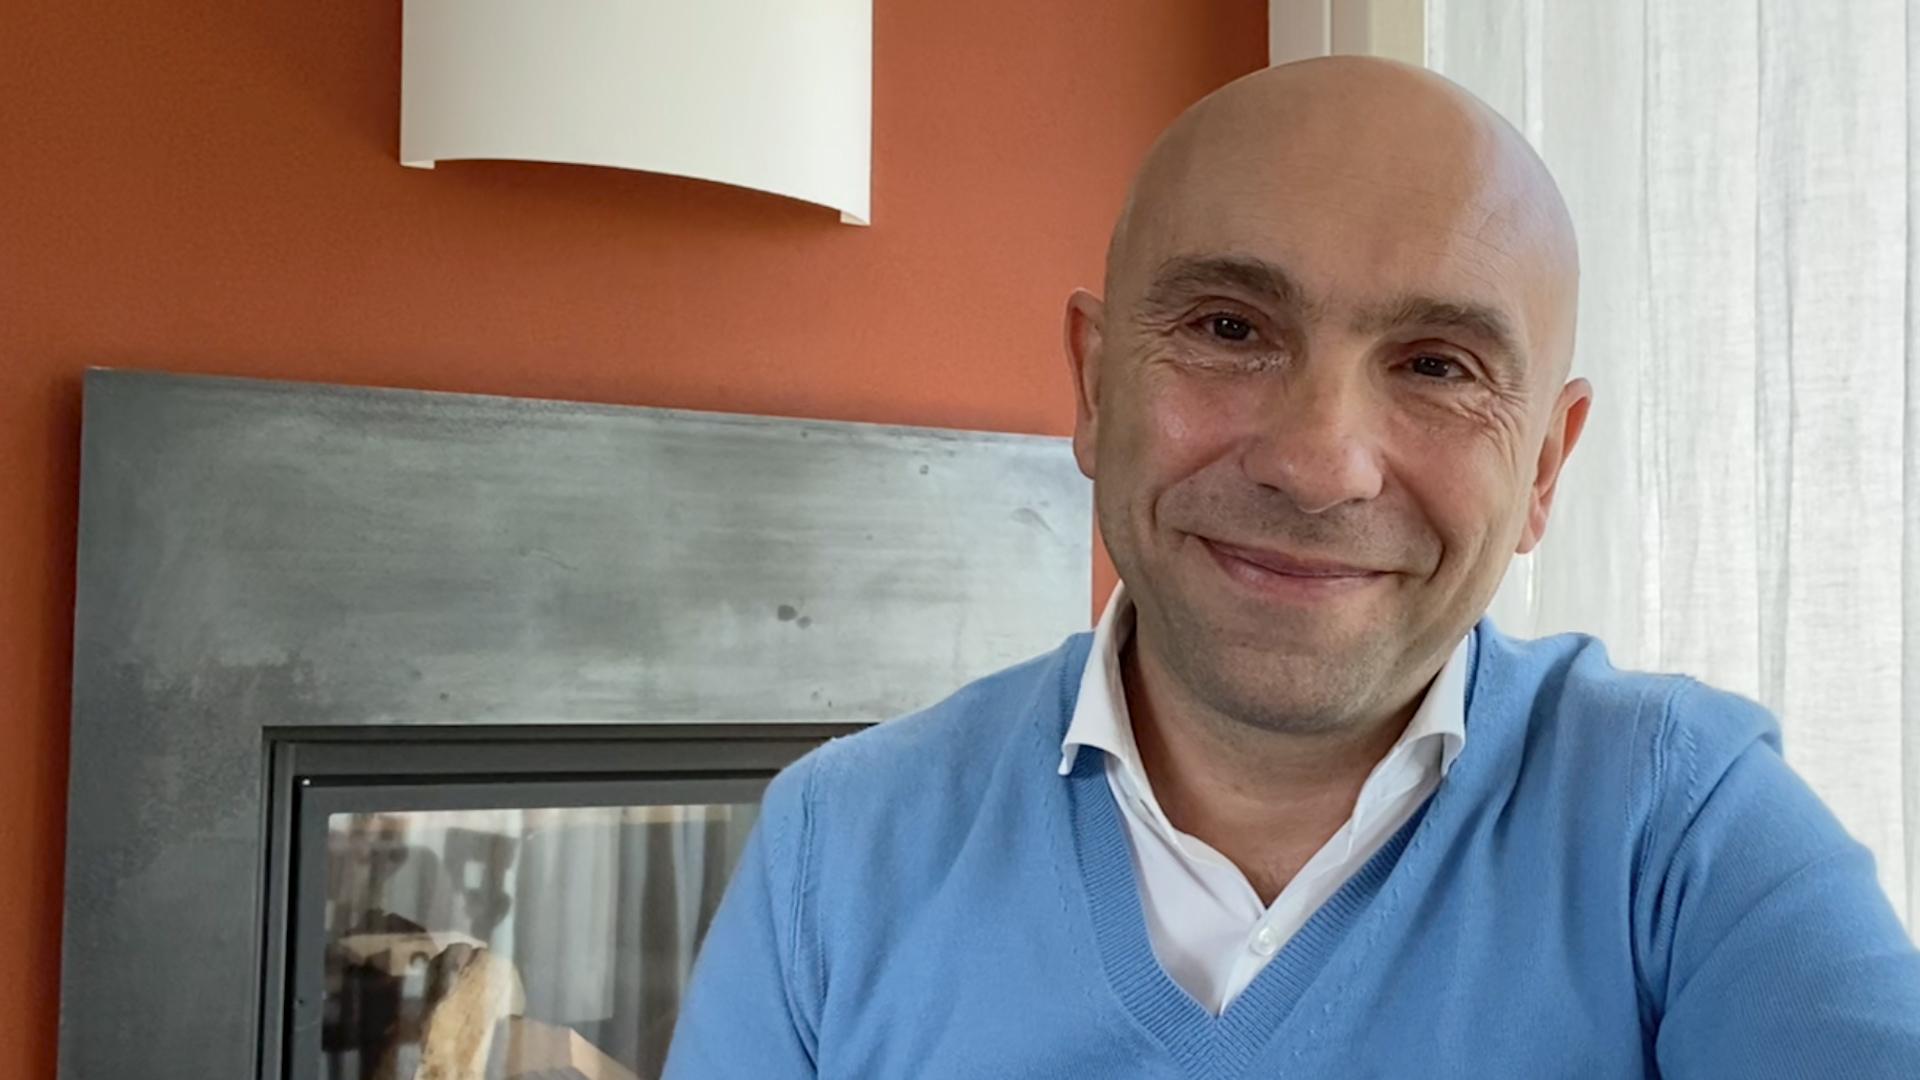 El CEO de Vitec Imaging Solutions, Marco Pezzana, Sobre su Compañía y el Momento de la Industria